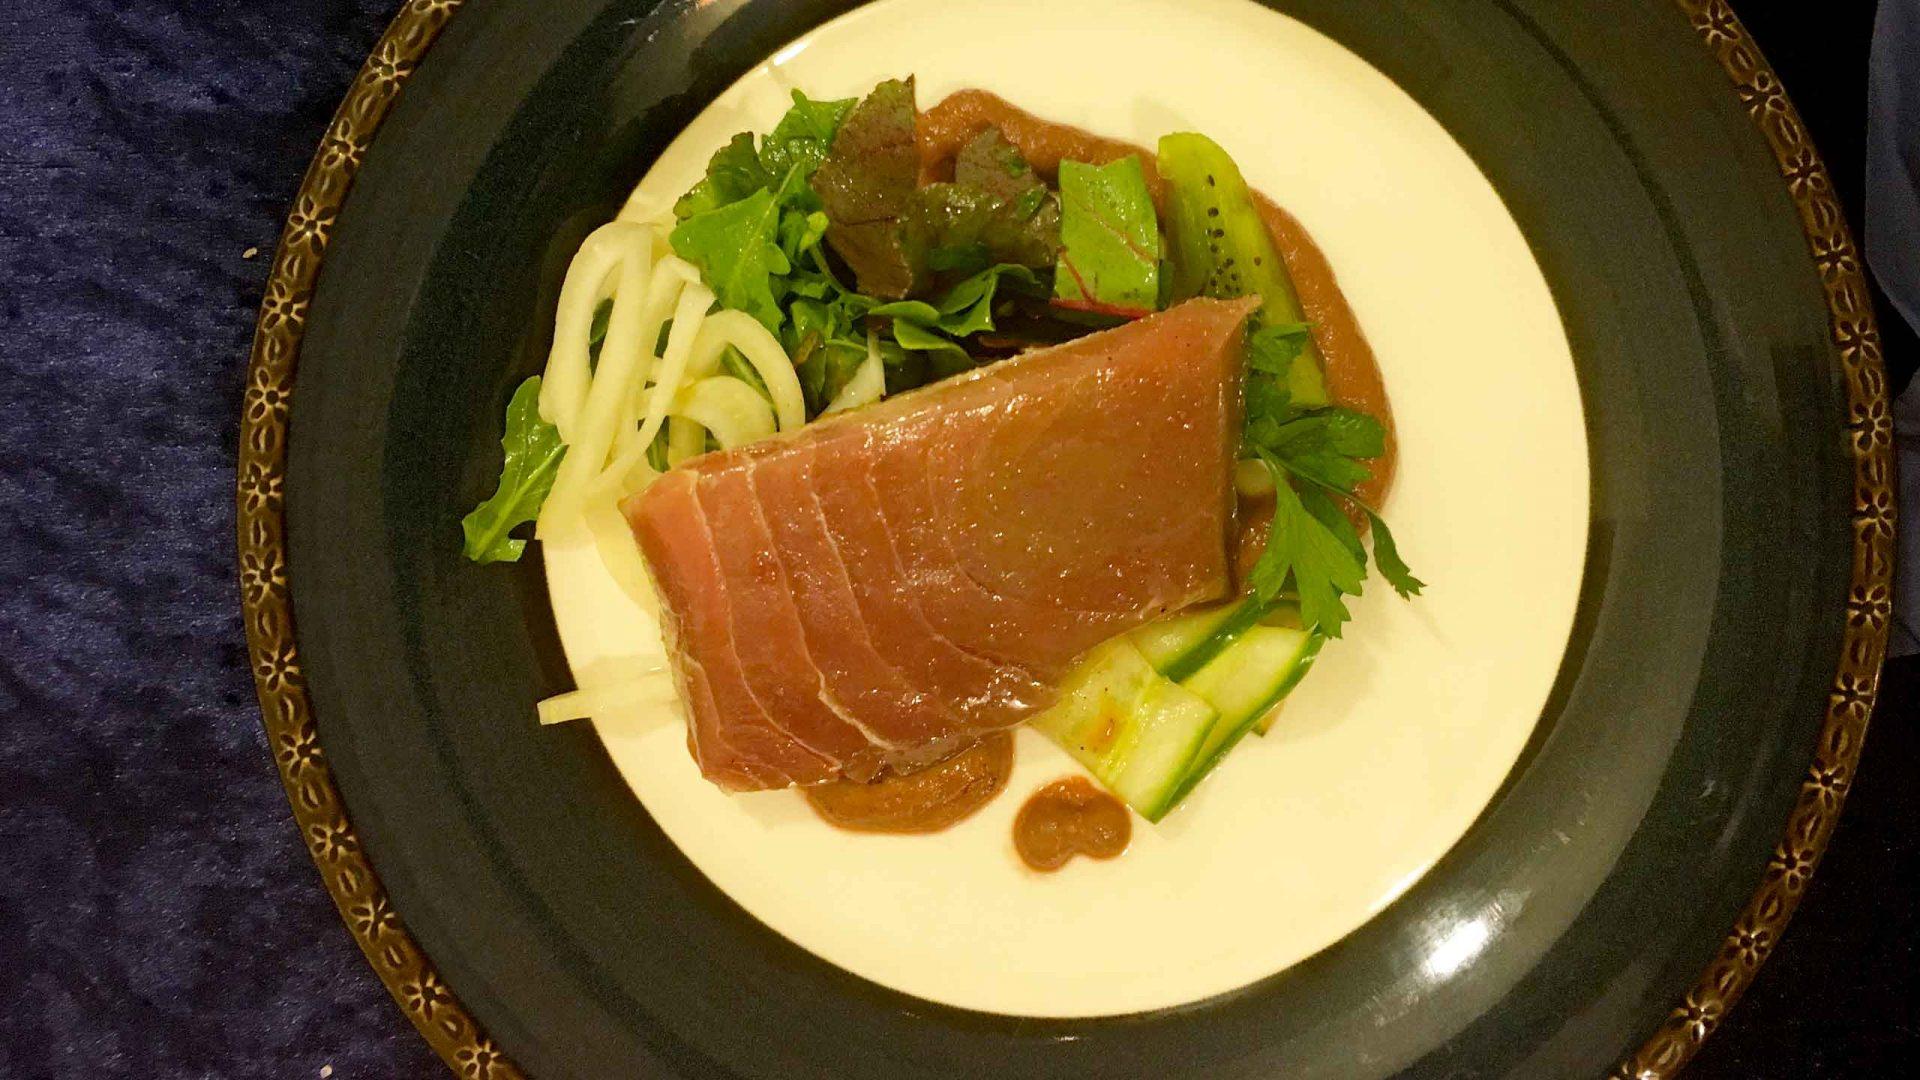 טונה סו-ויד מצוננת על מצע ירק